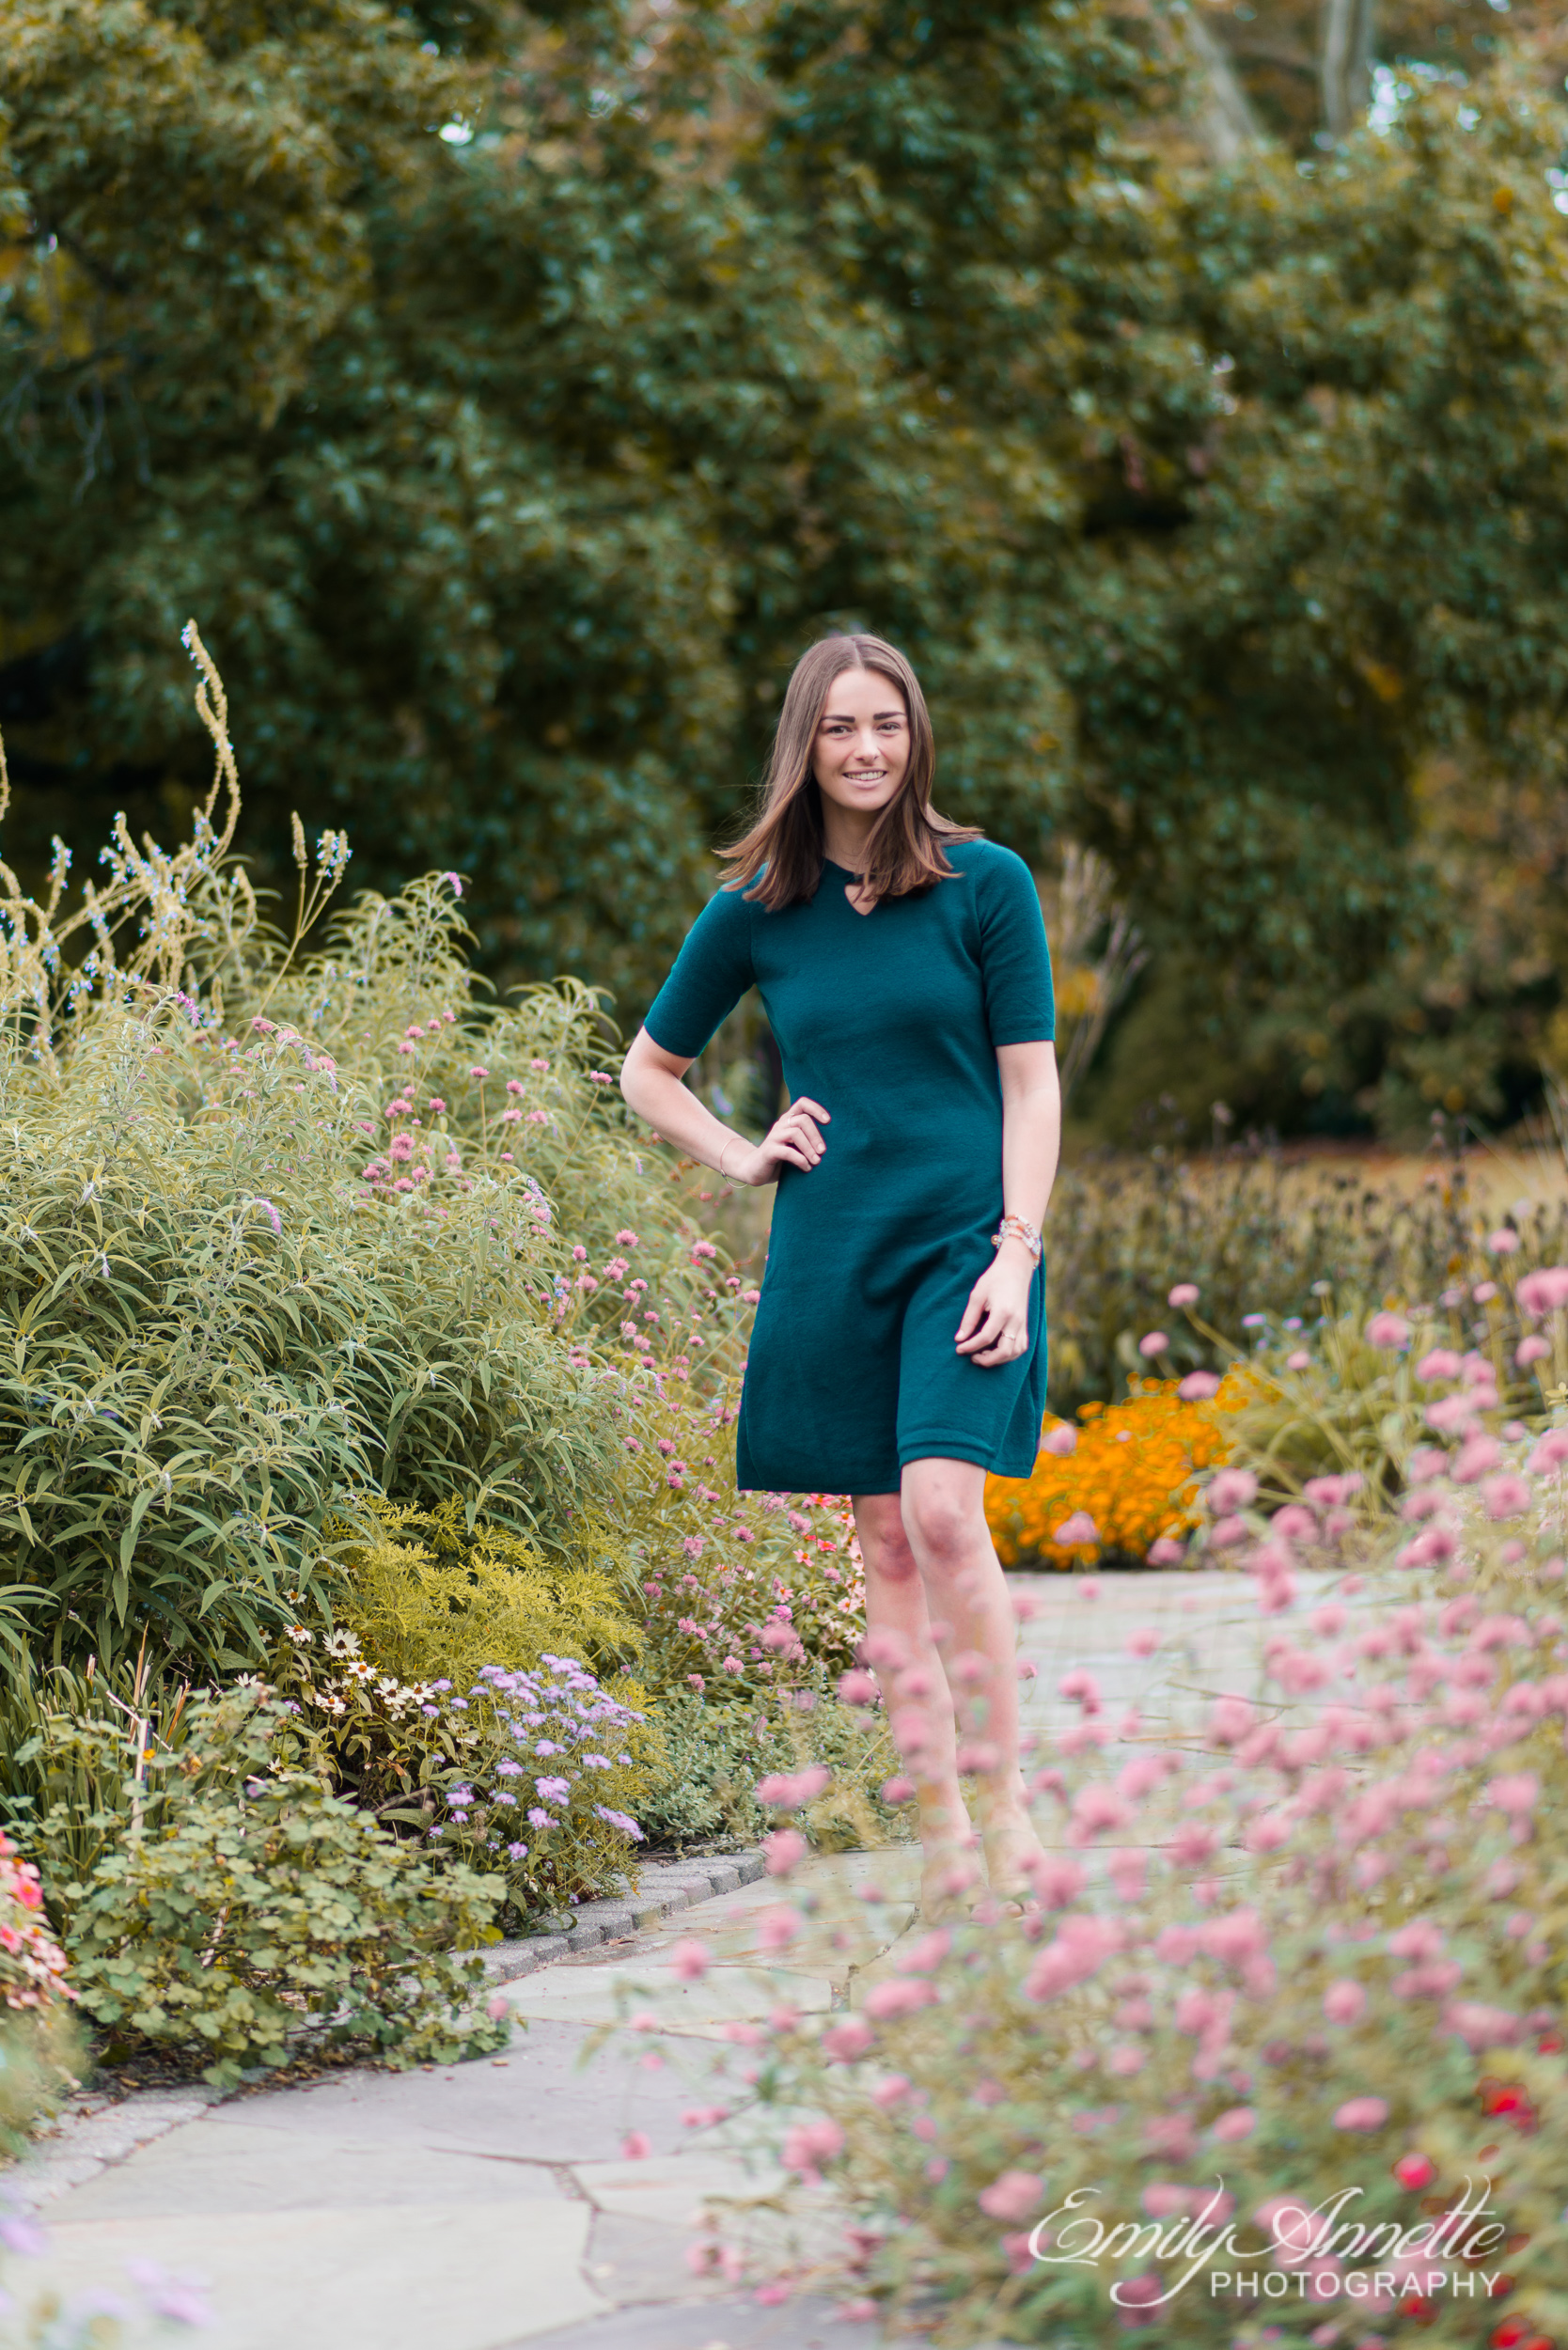 A young woman walks along a path through a lush garden in Green Spring Gardens in Fairfax, Virginia